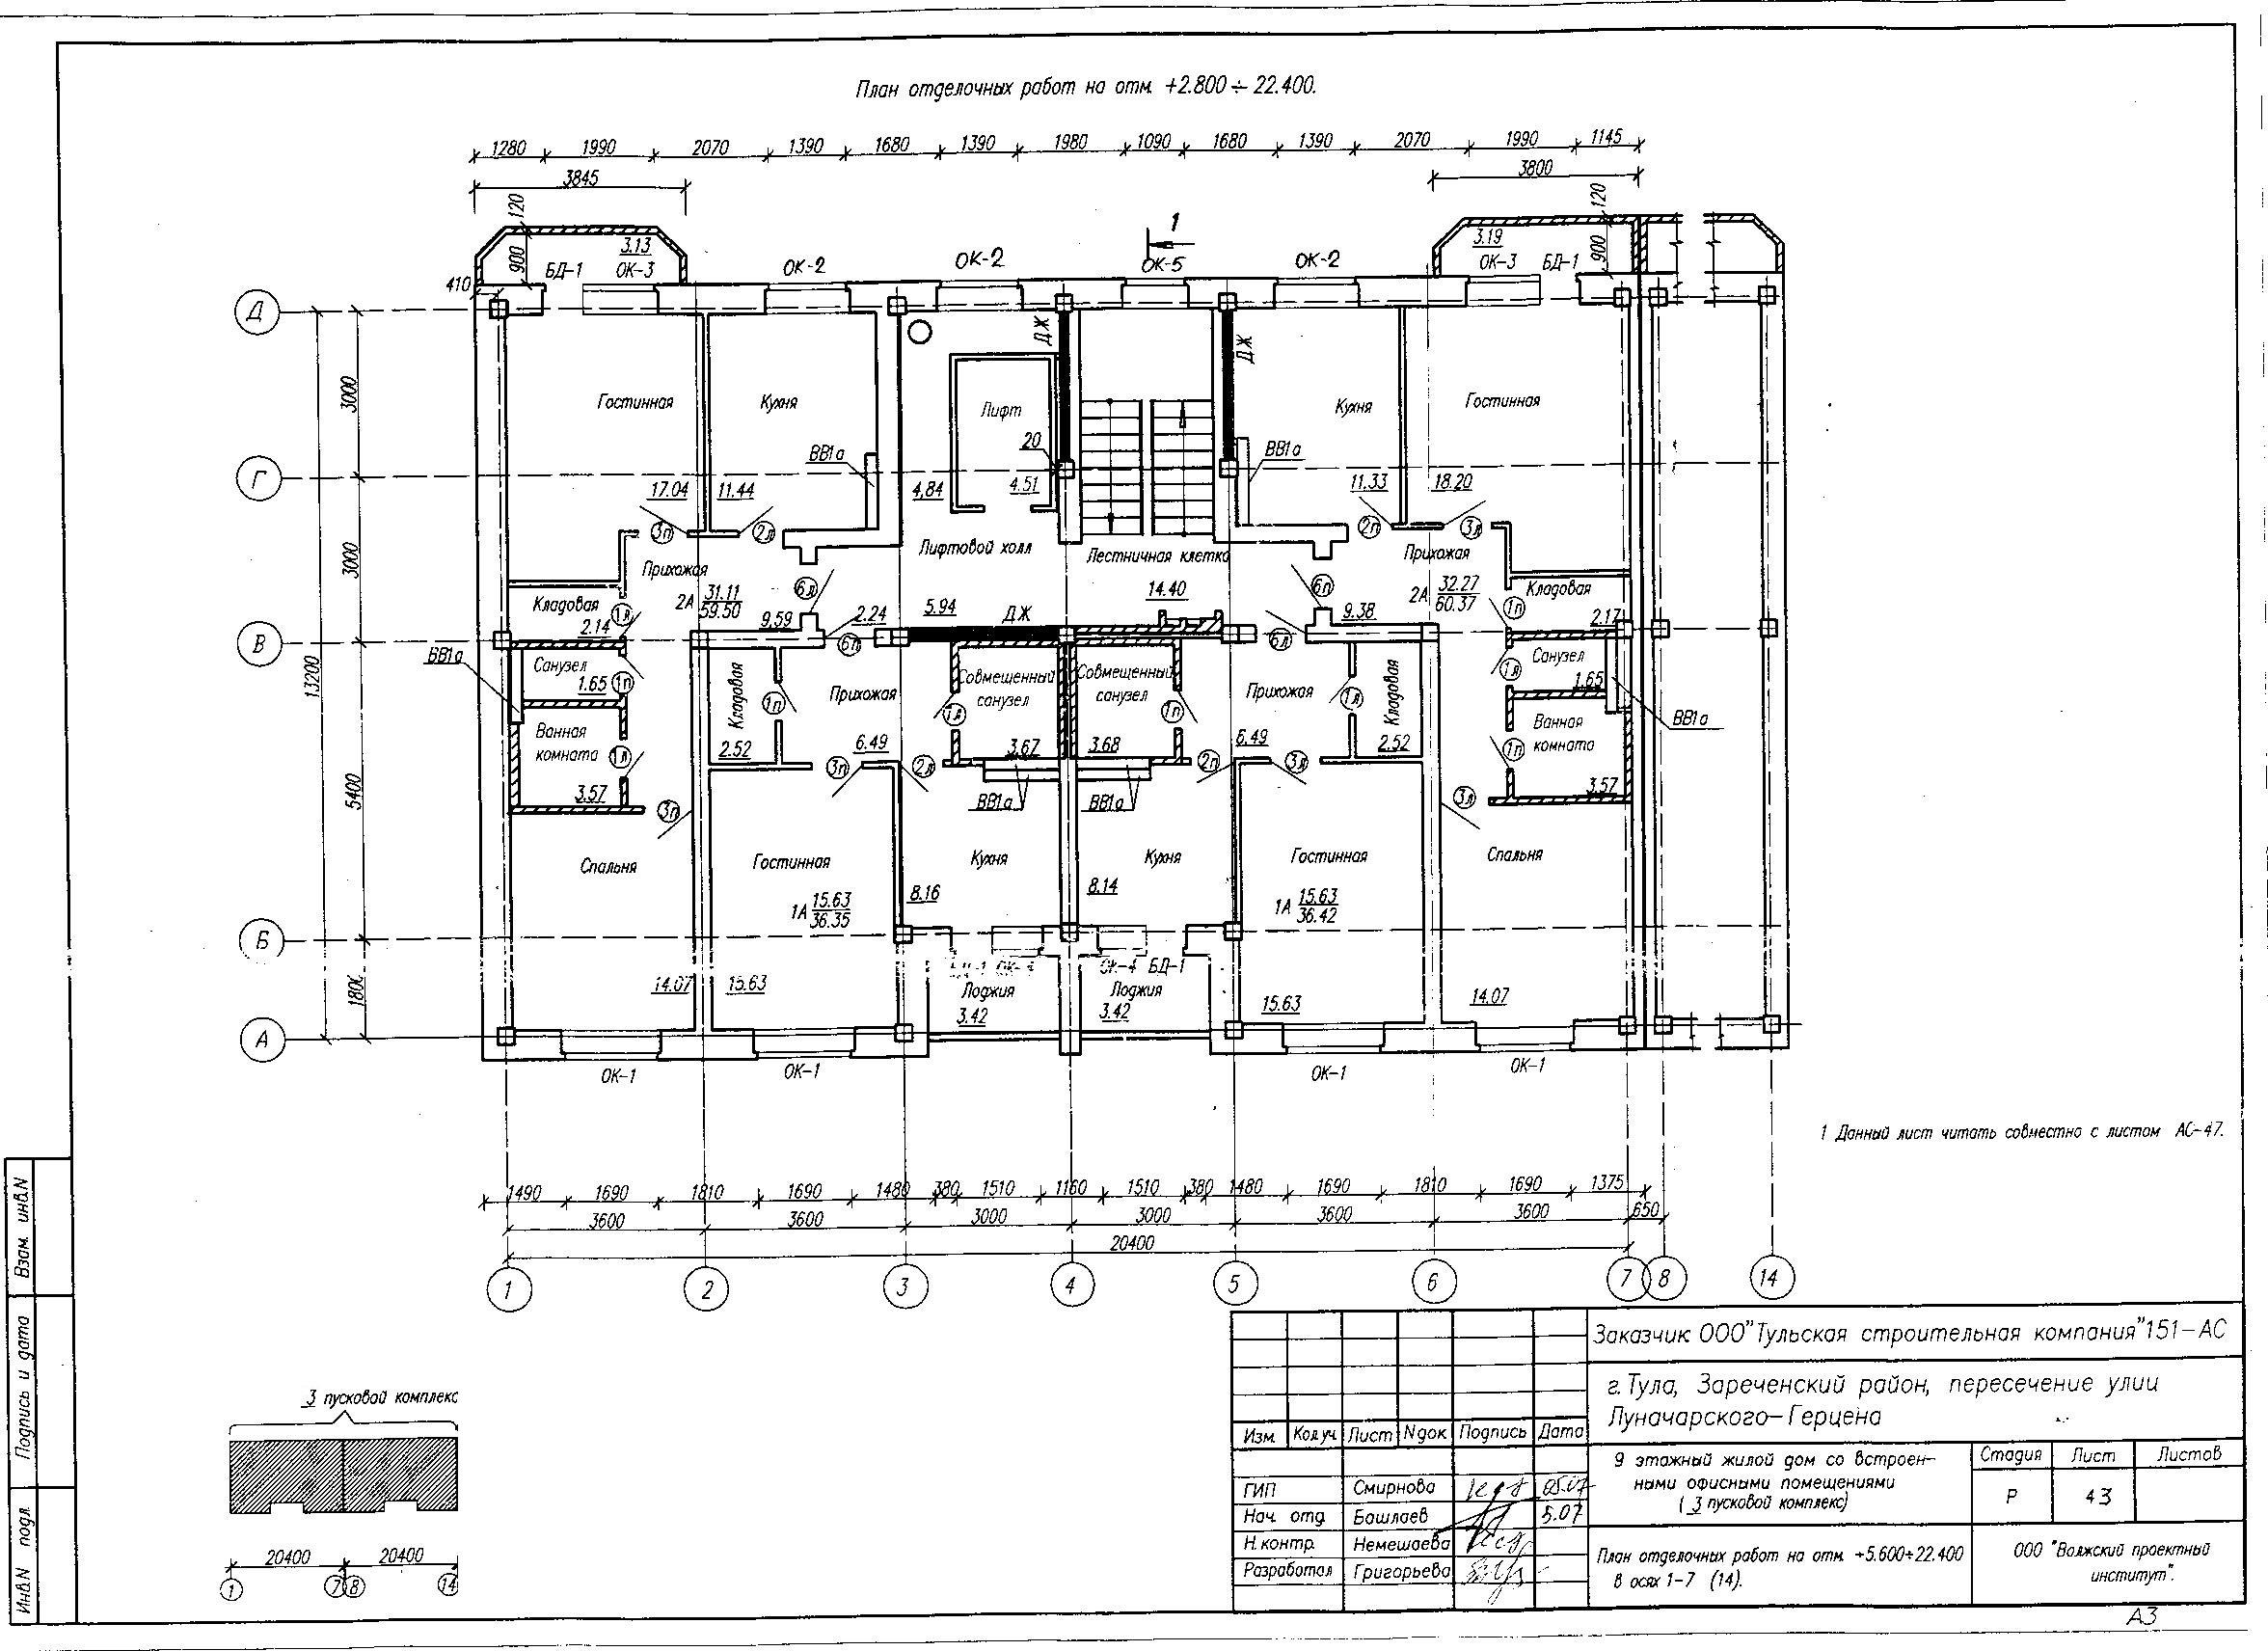 Планировка типового этажа ЖК по улице Луначарского / Герцена г. Тулы.